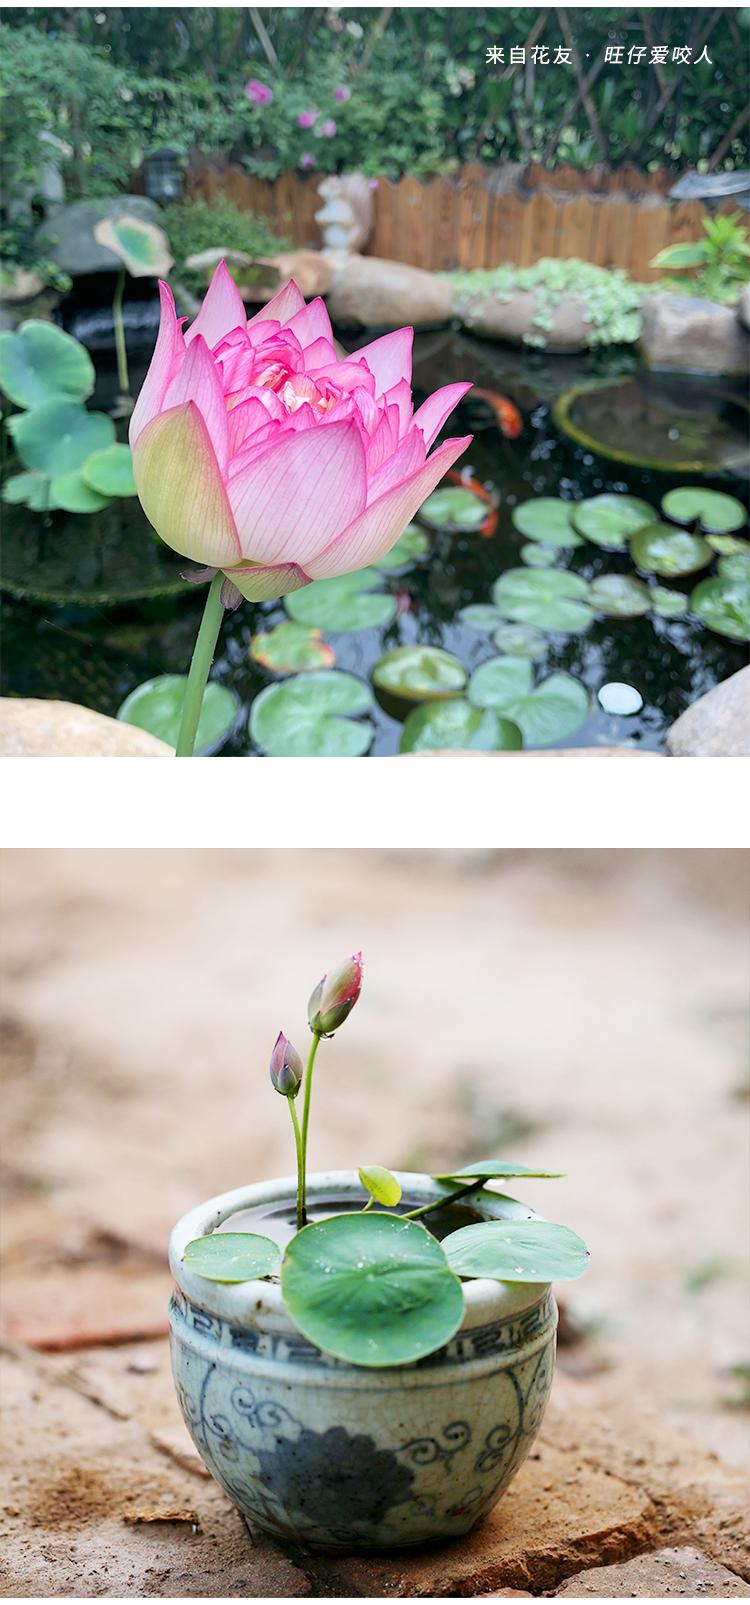 塔莎的花园碗莲水培植物四季室内花卉小盆栽莲花荷花水生根茎详细照片